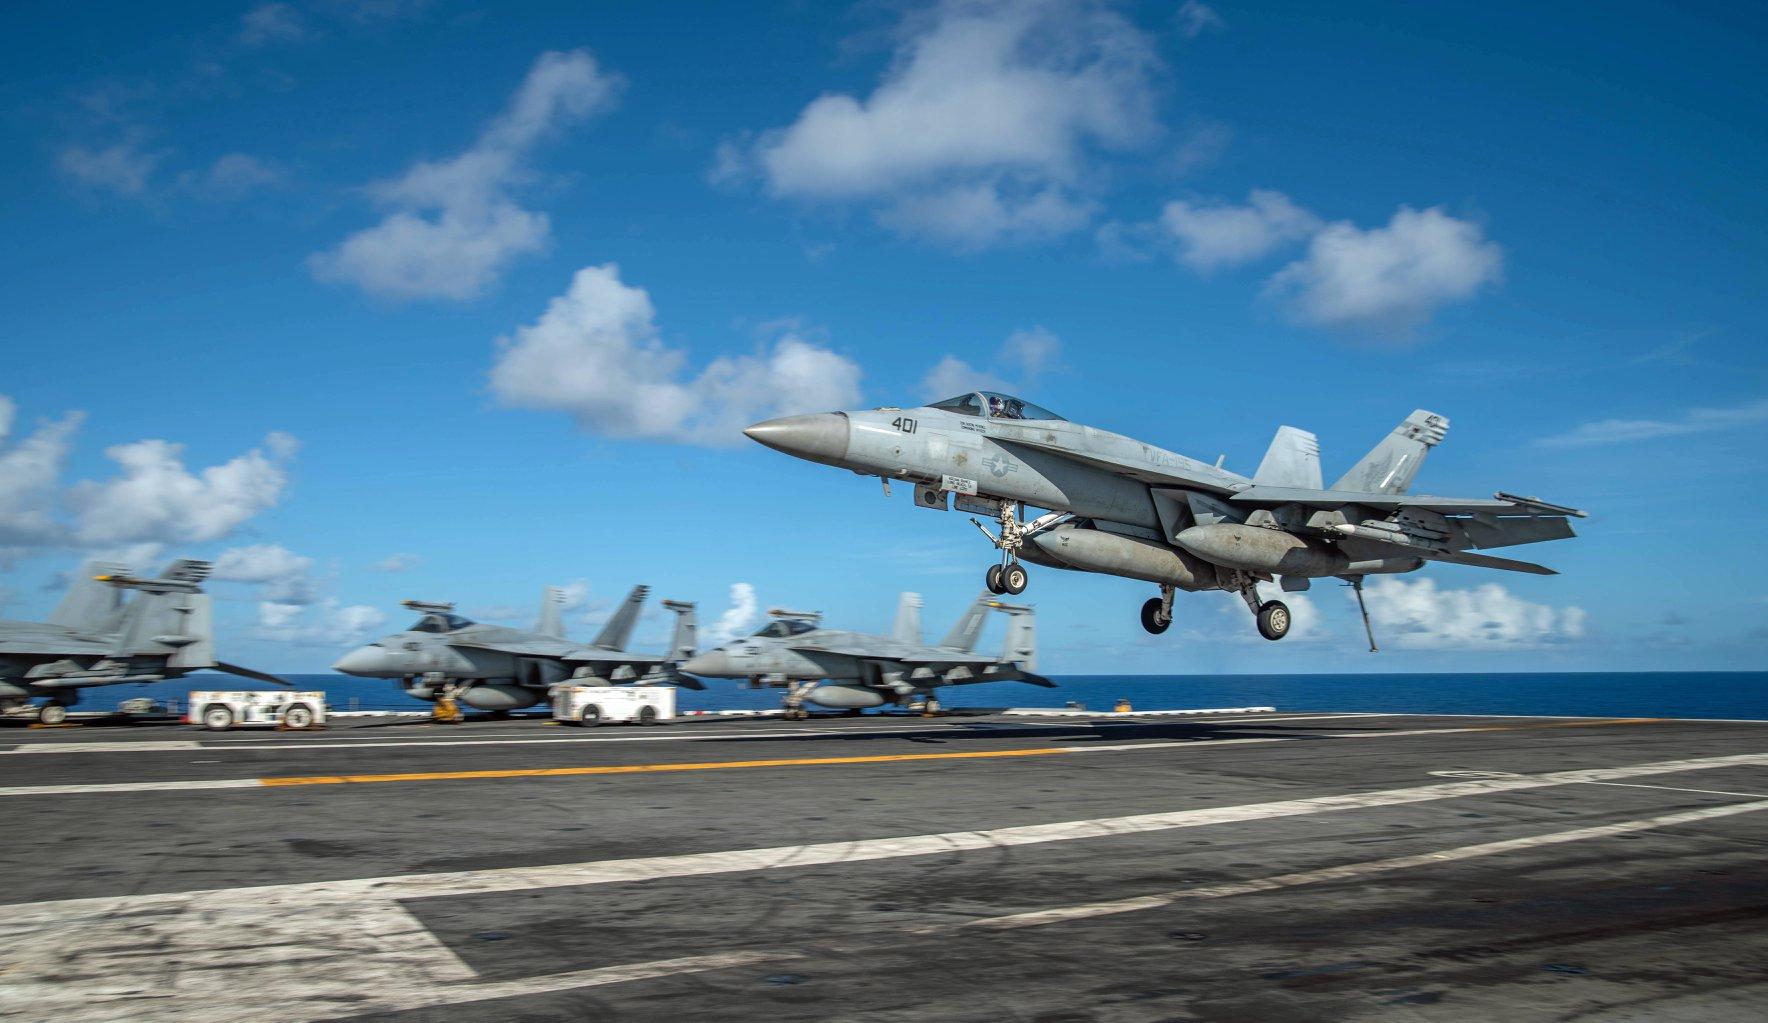 為何中共軍機罕見8次擾台後 美軍機連11天「繞台」? 原來華府反制北京這麼做